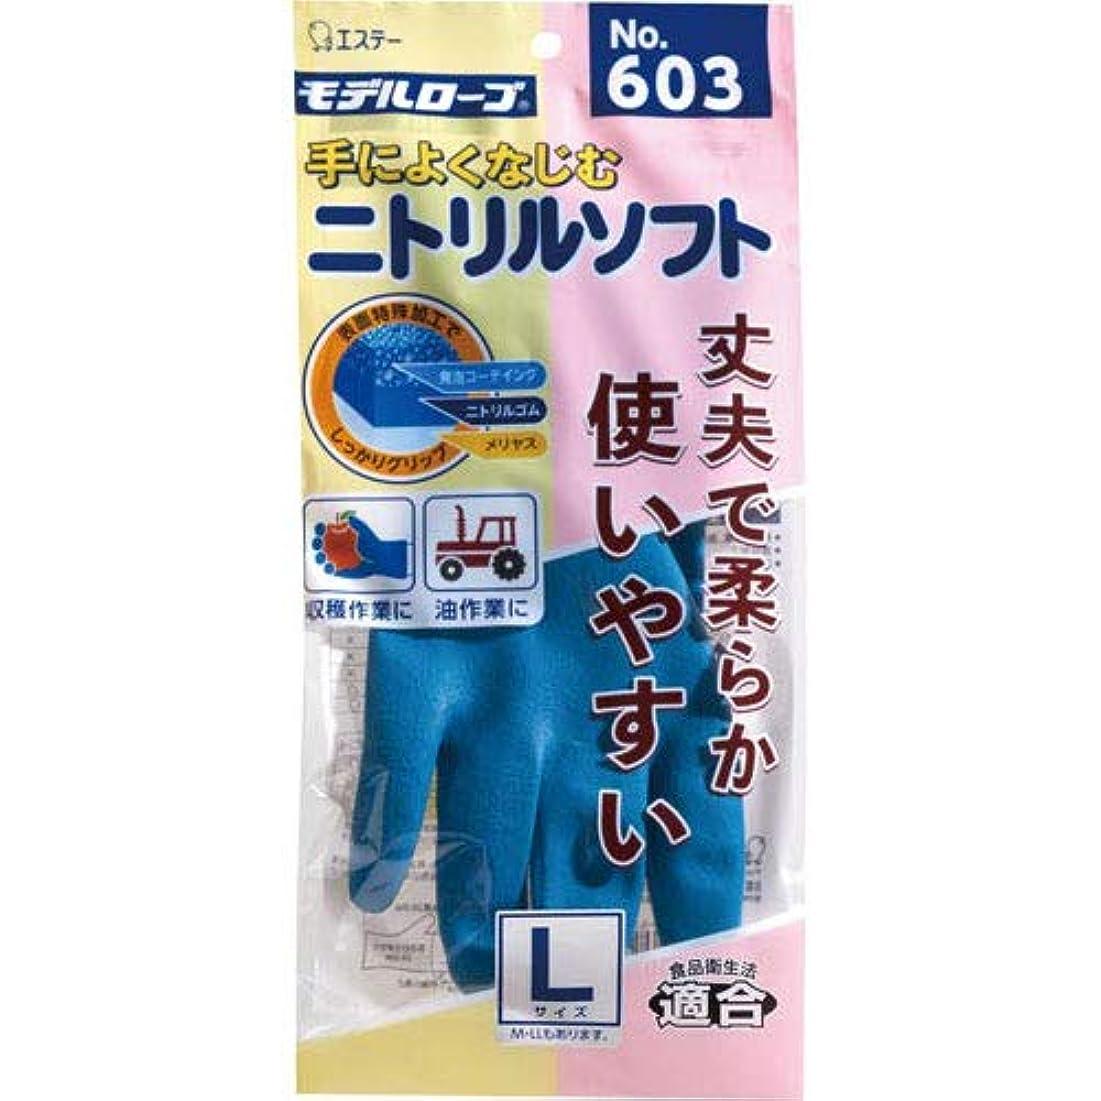 体ミッションカードモデルローブ ニトリルソフト No.603 L